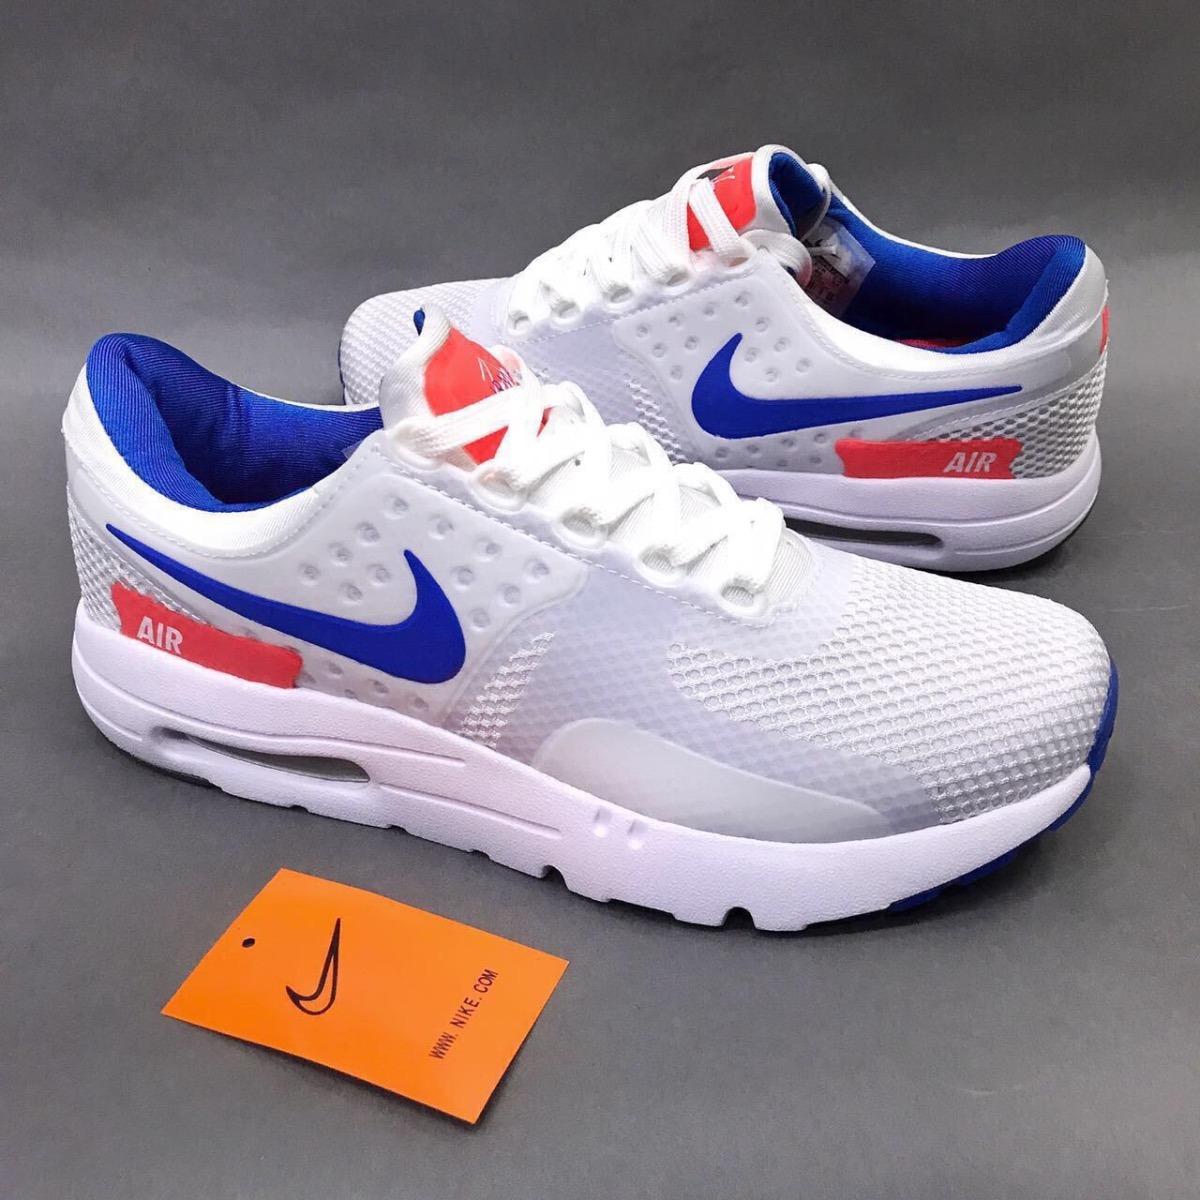 lowest price f7041 6a274 tenis zapatillas nike air max zero blanca azul hombre env gr. Cargando zoom.